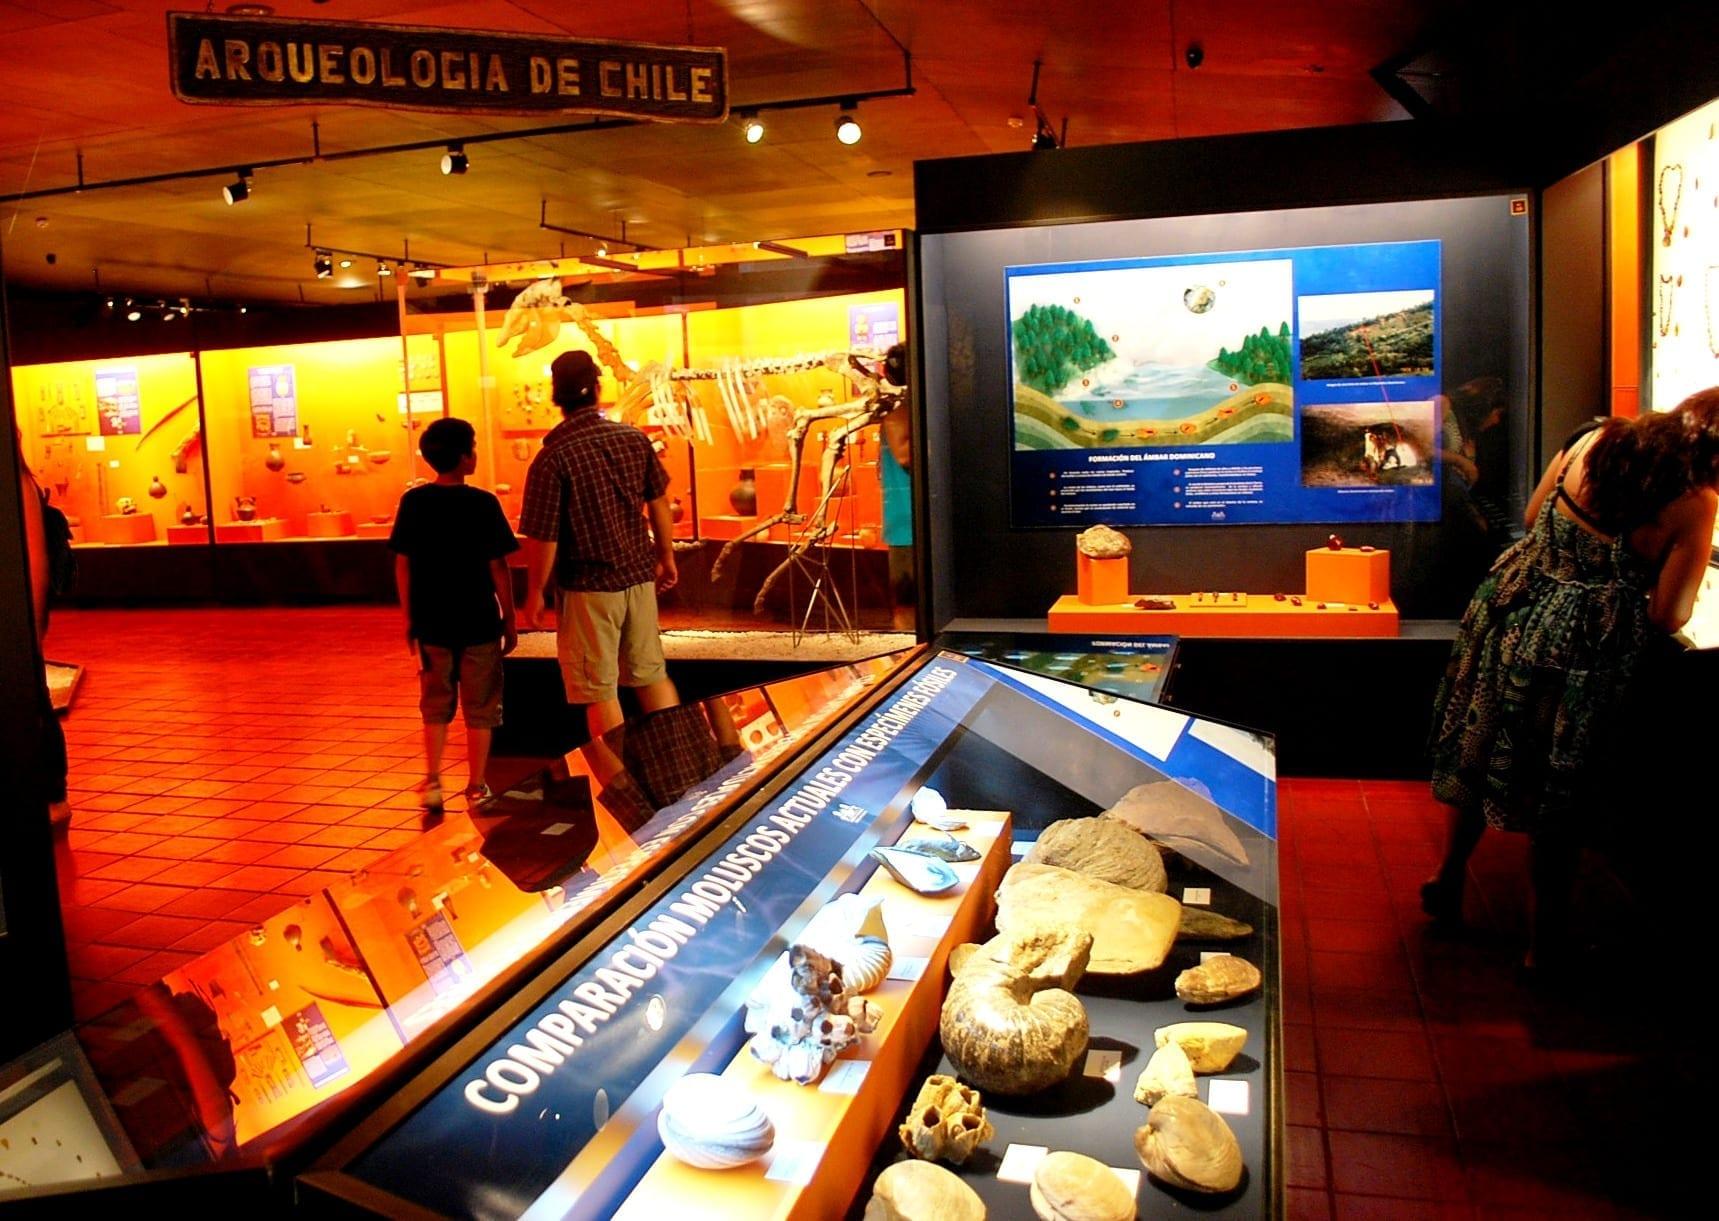 Museo Colchagua, Santa Cruz Tour em Santa Cruz, Colchagua Chile a rota dos vinhos, LikeChile, Vinho Chile